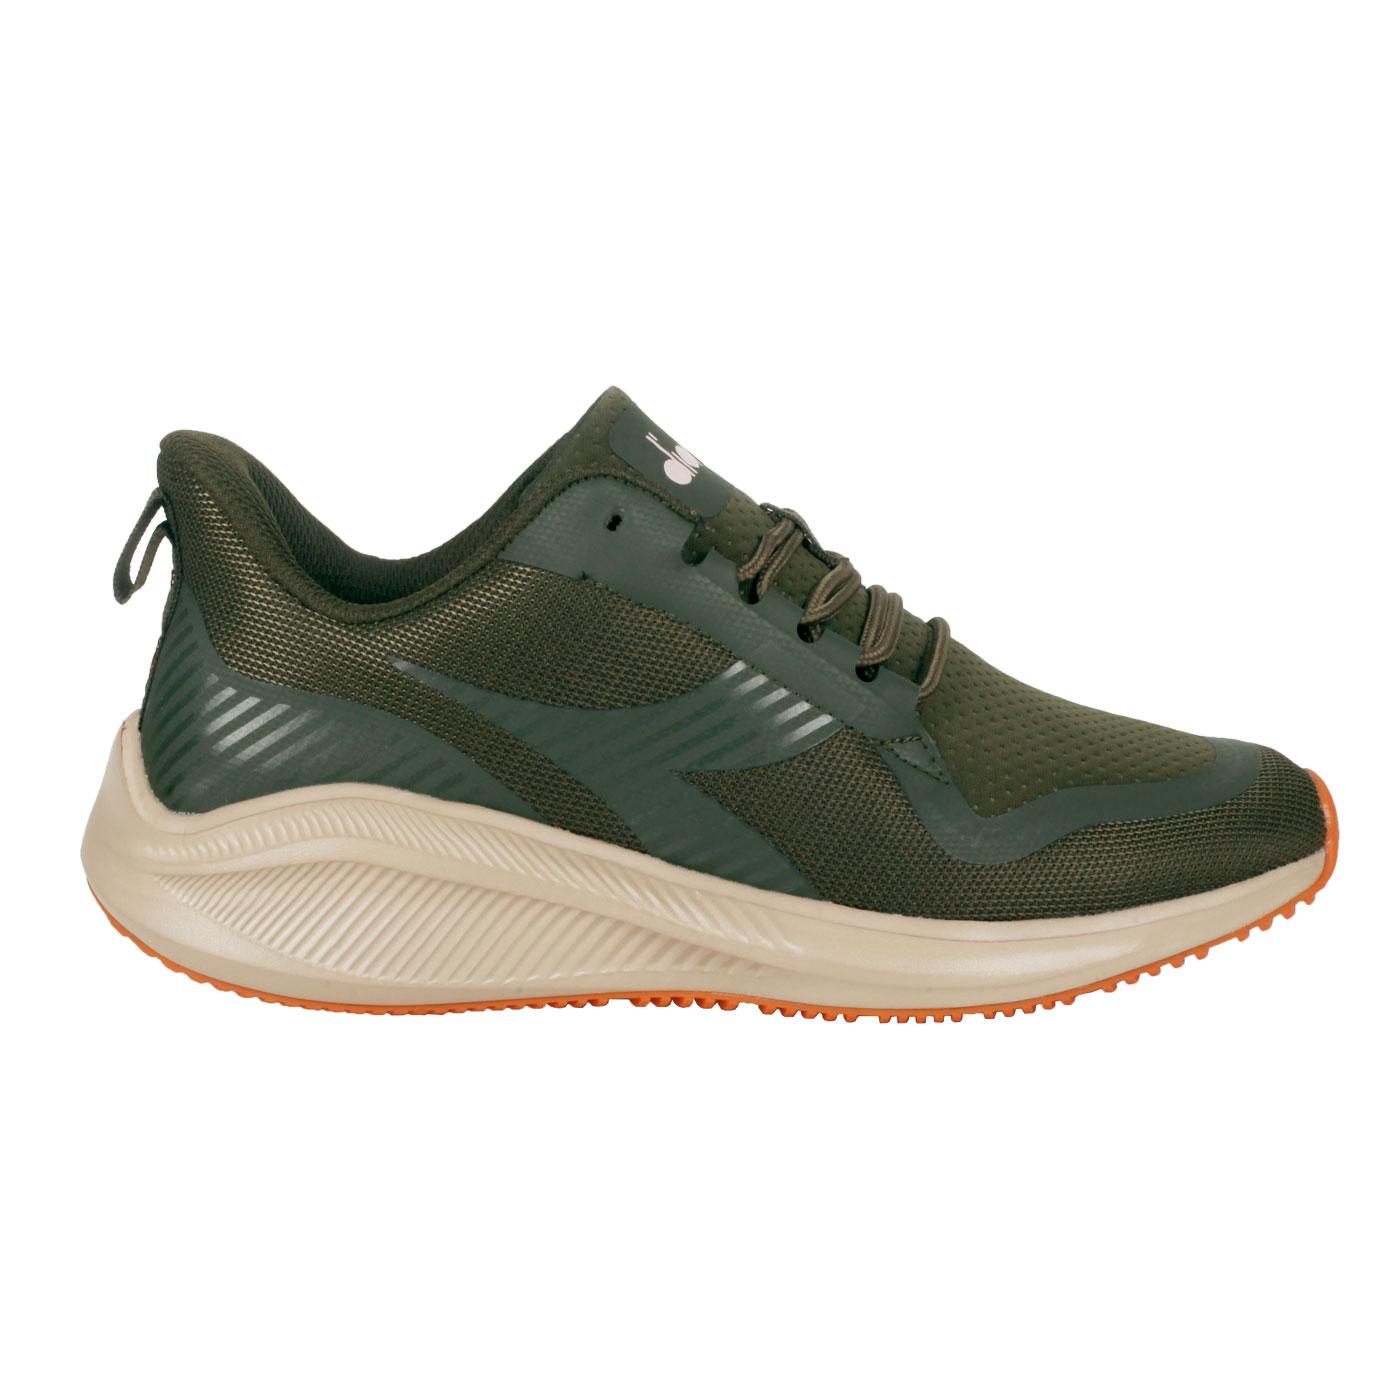 DIADORA 男款運動生活時尚運動鞋 DA71183 - 軍綠橘